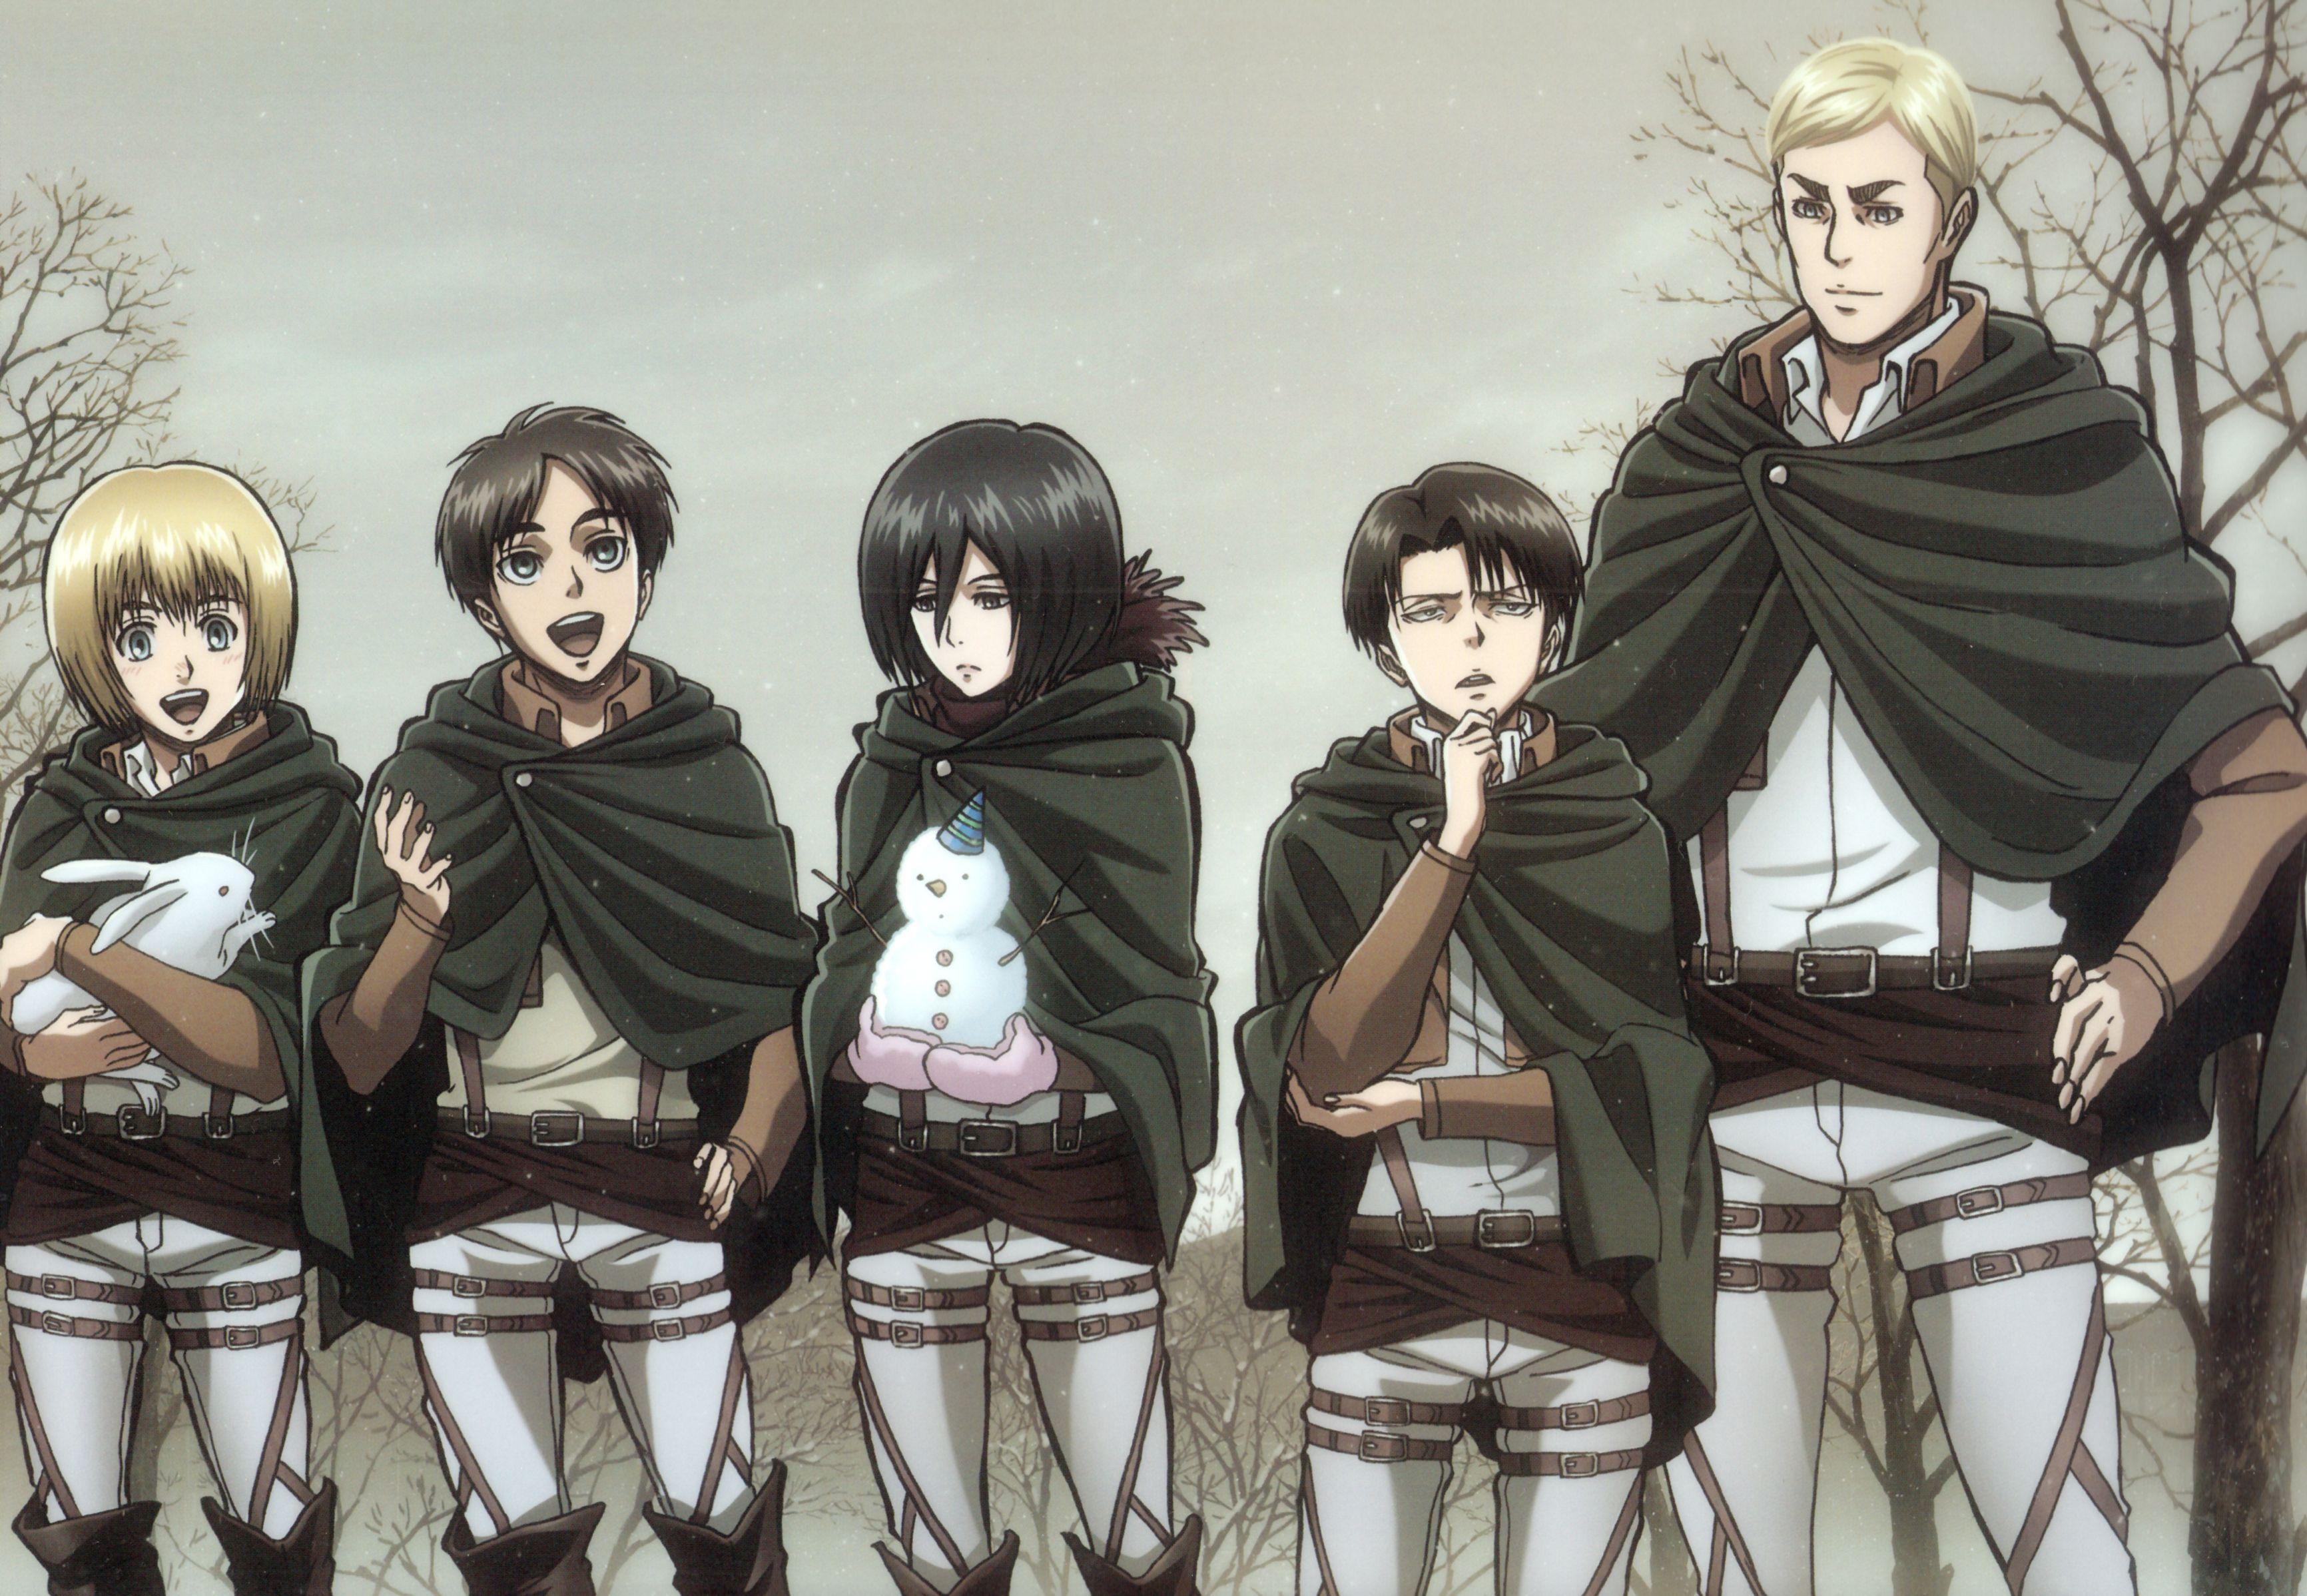 Shingeki no Kyojin, Armin Arlert, Eren Jaeger, Levi